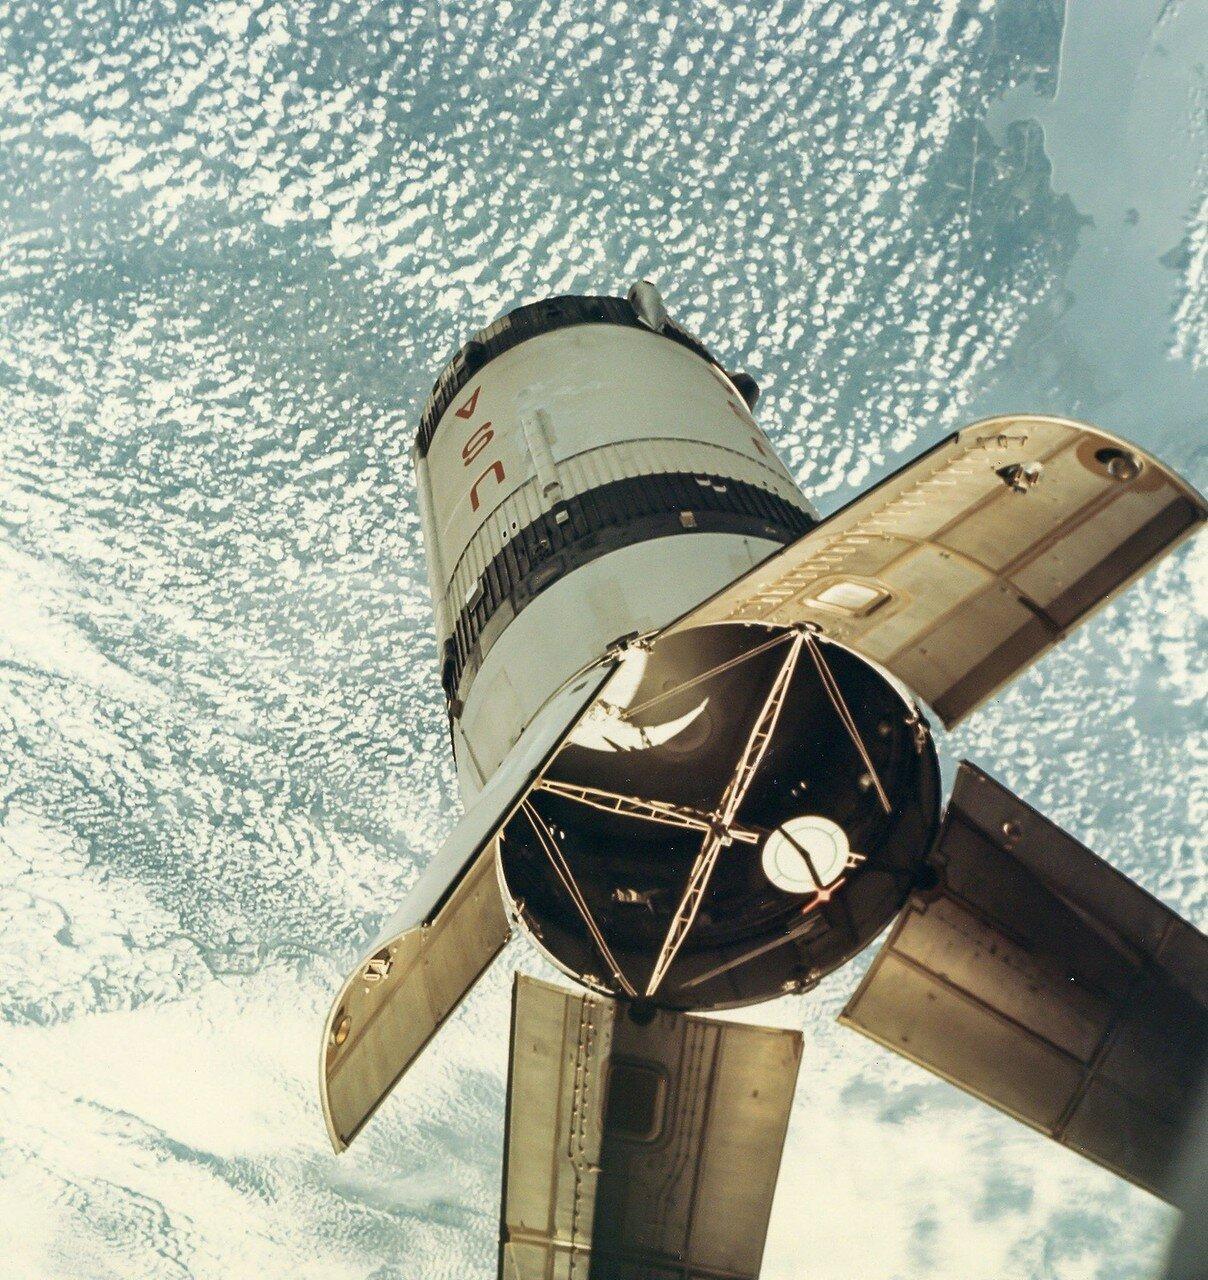 1968, октябрь.  Причаливание «Аполлона-7» ко второй ступени ракеты-носителя до расстояния 1—2 метра